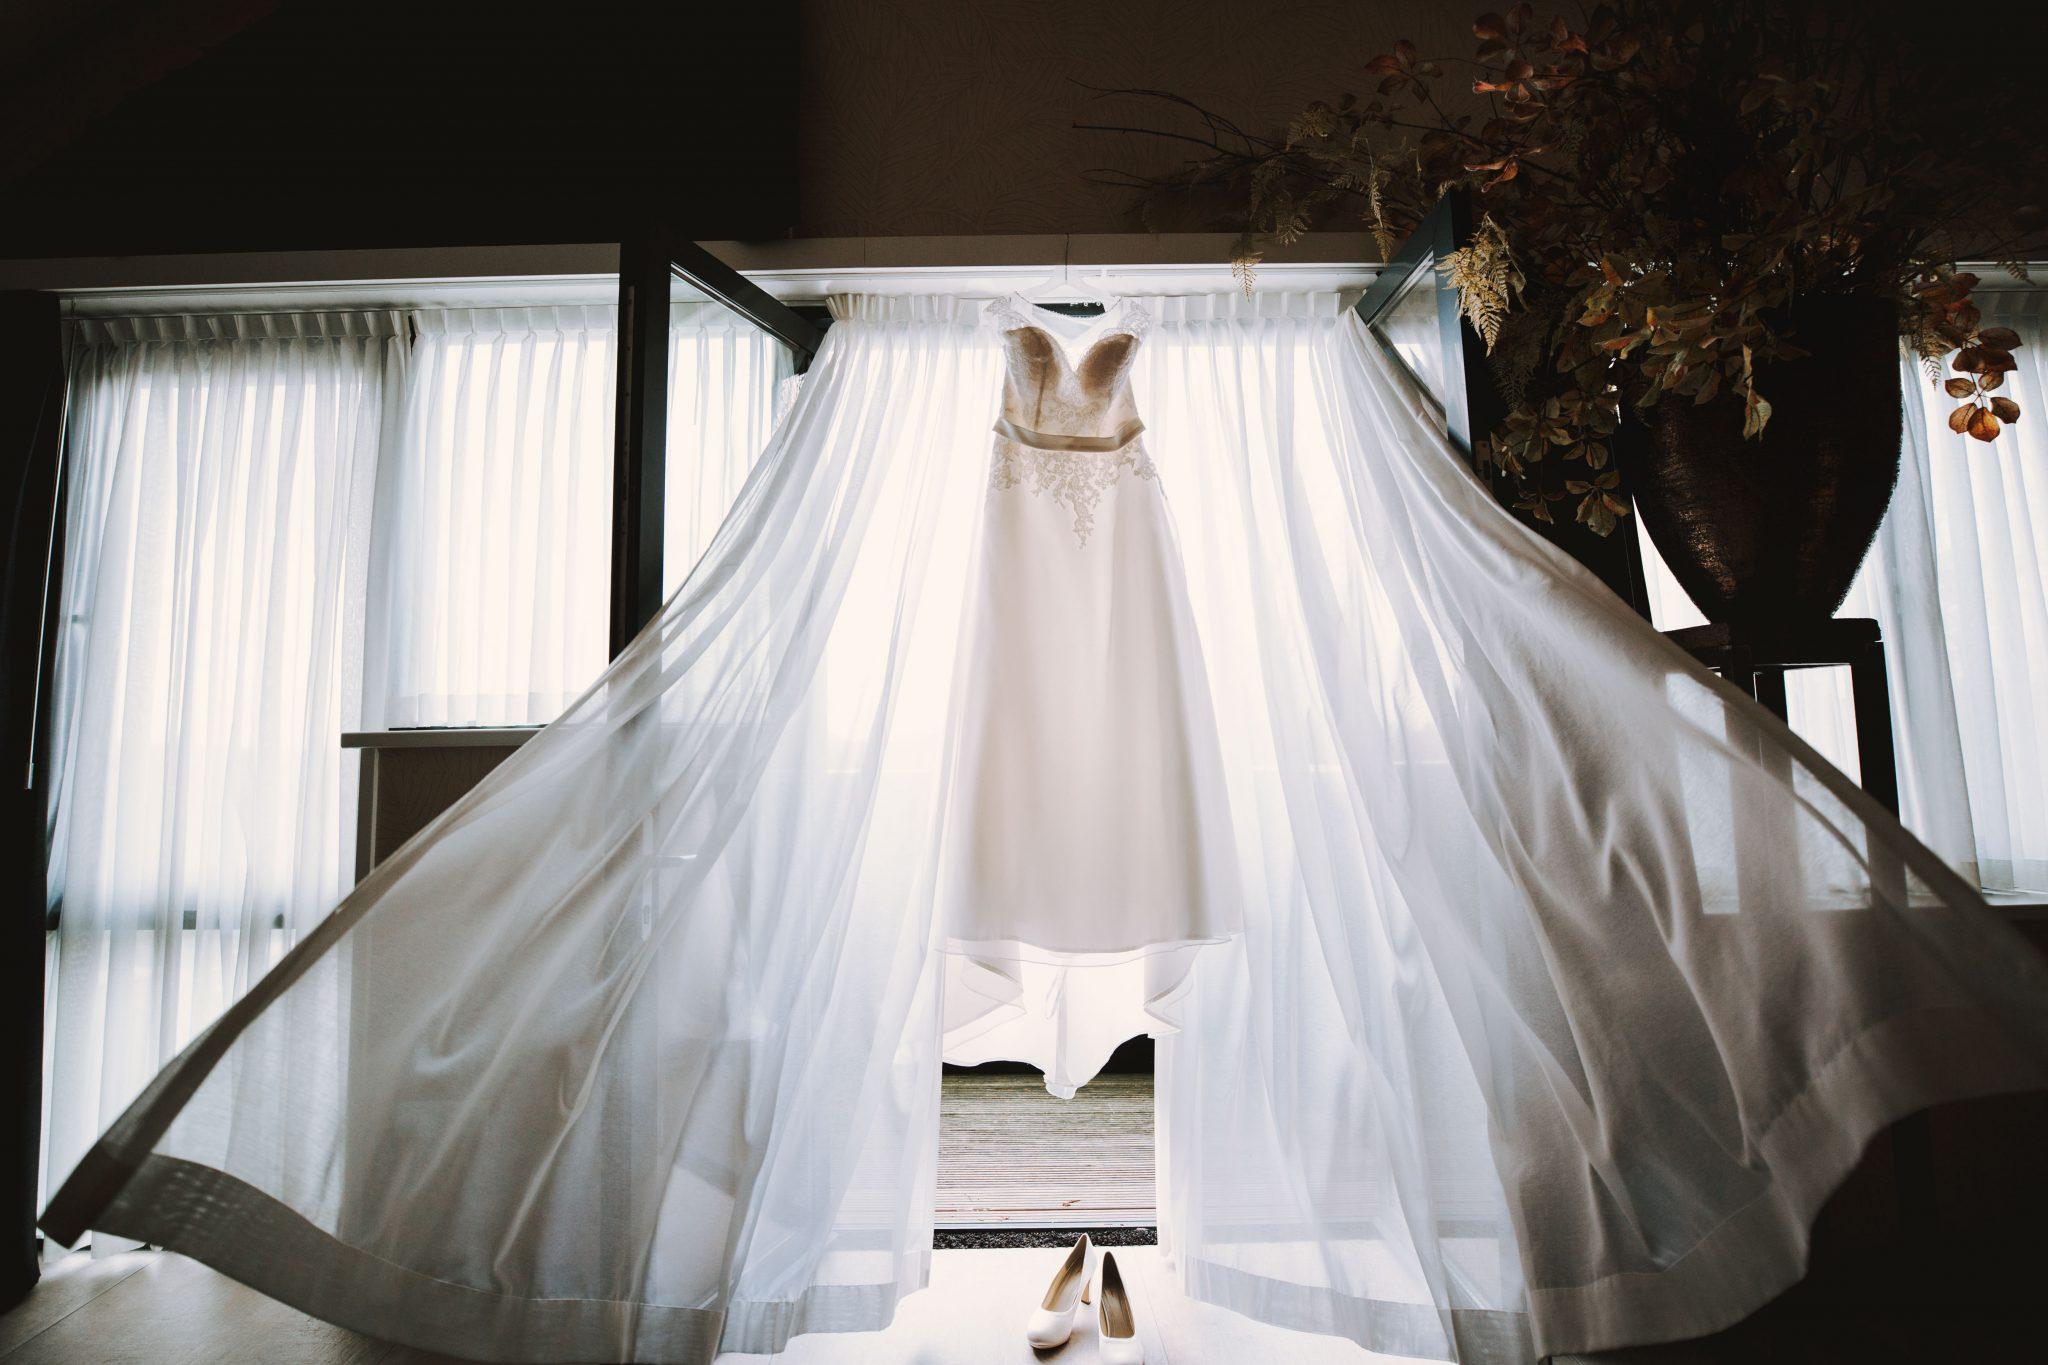 De Trouwjurk van de bruid hangt klaar voor de bruiloft | Bruidsfotograaf